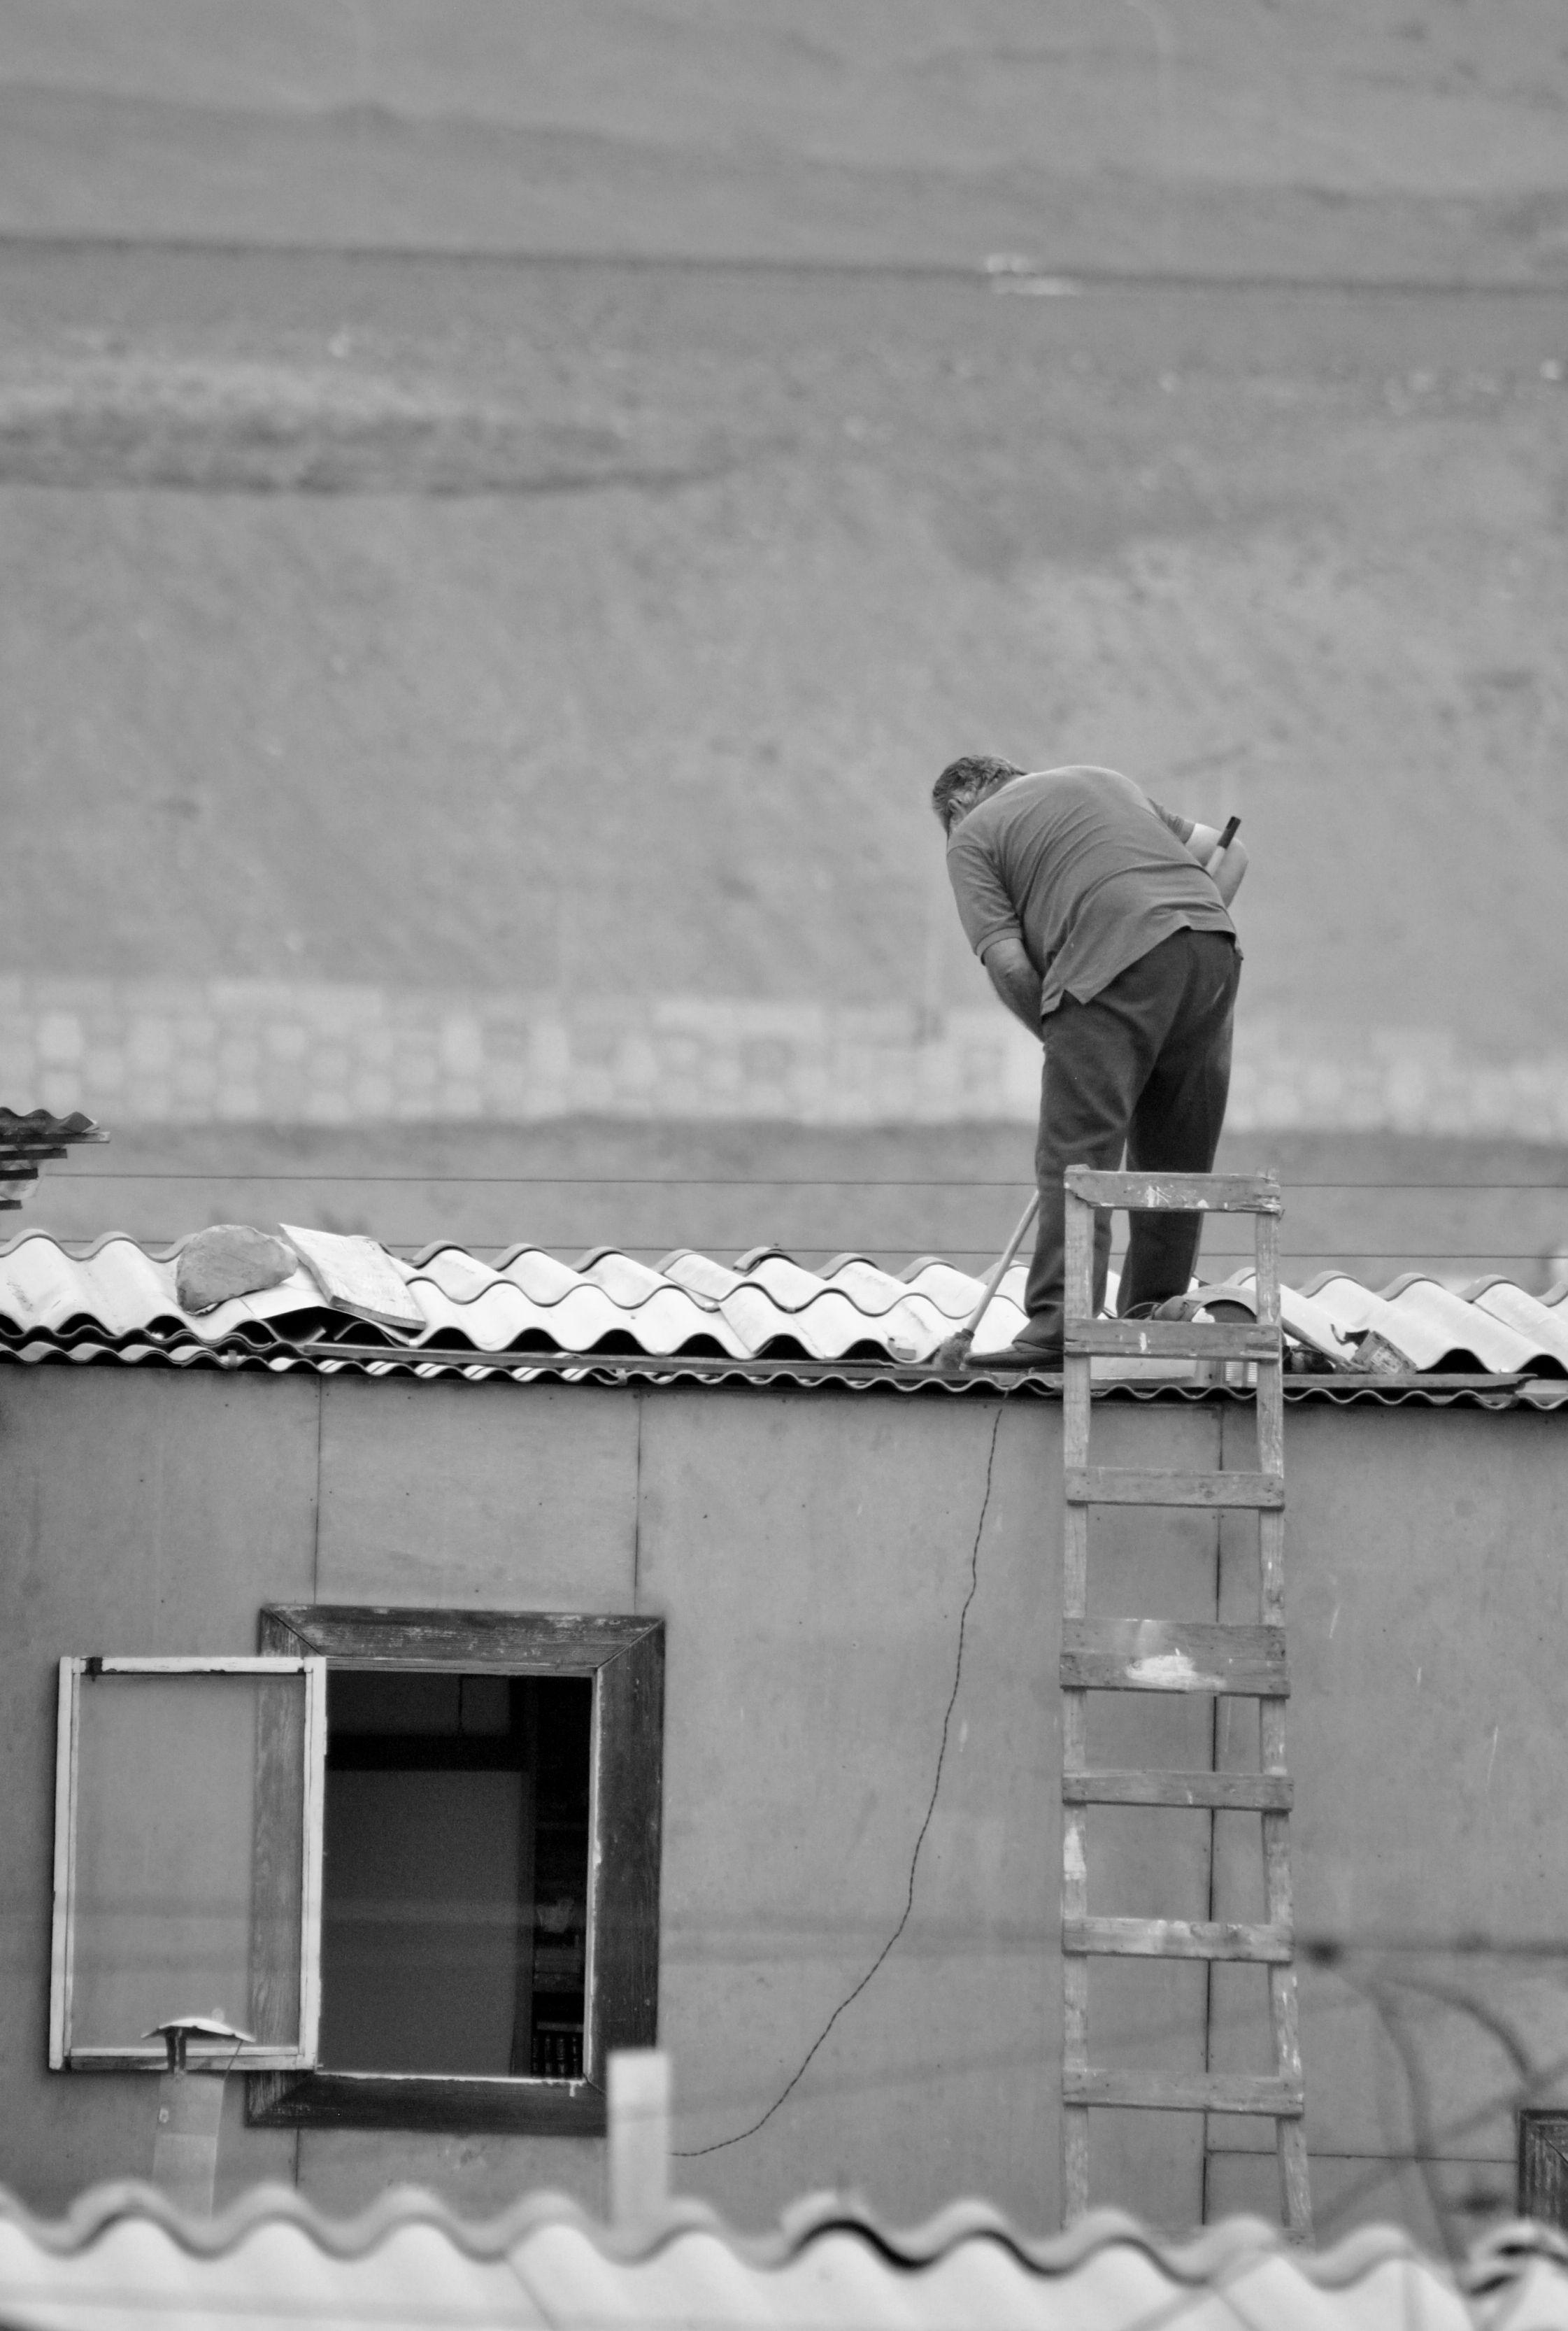 temporal 2016 - Iquique